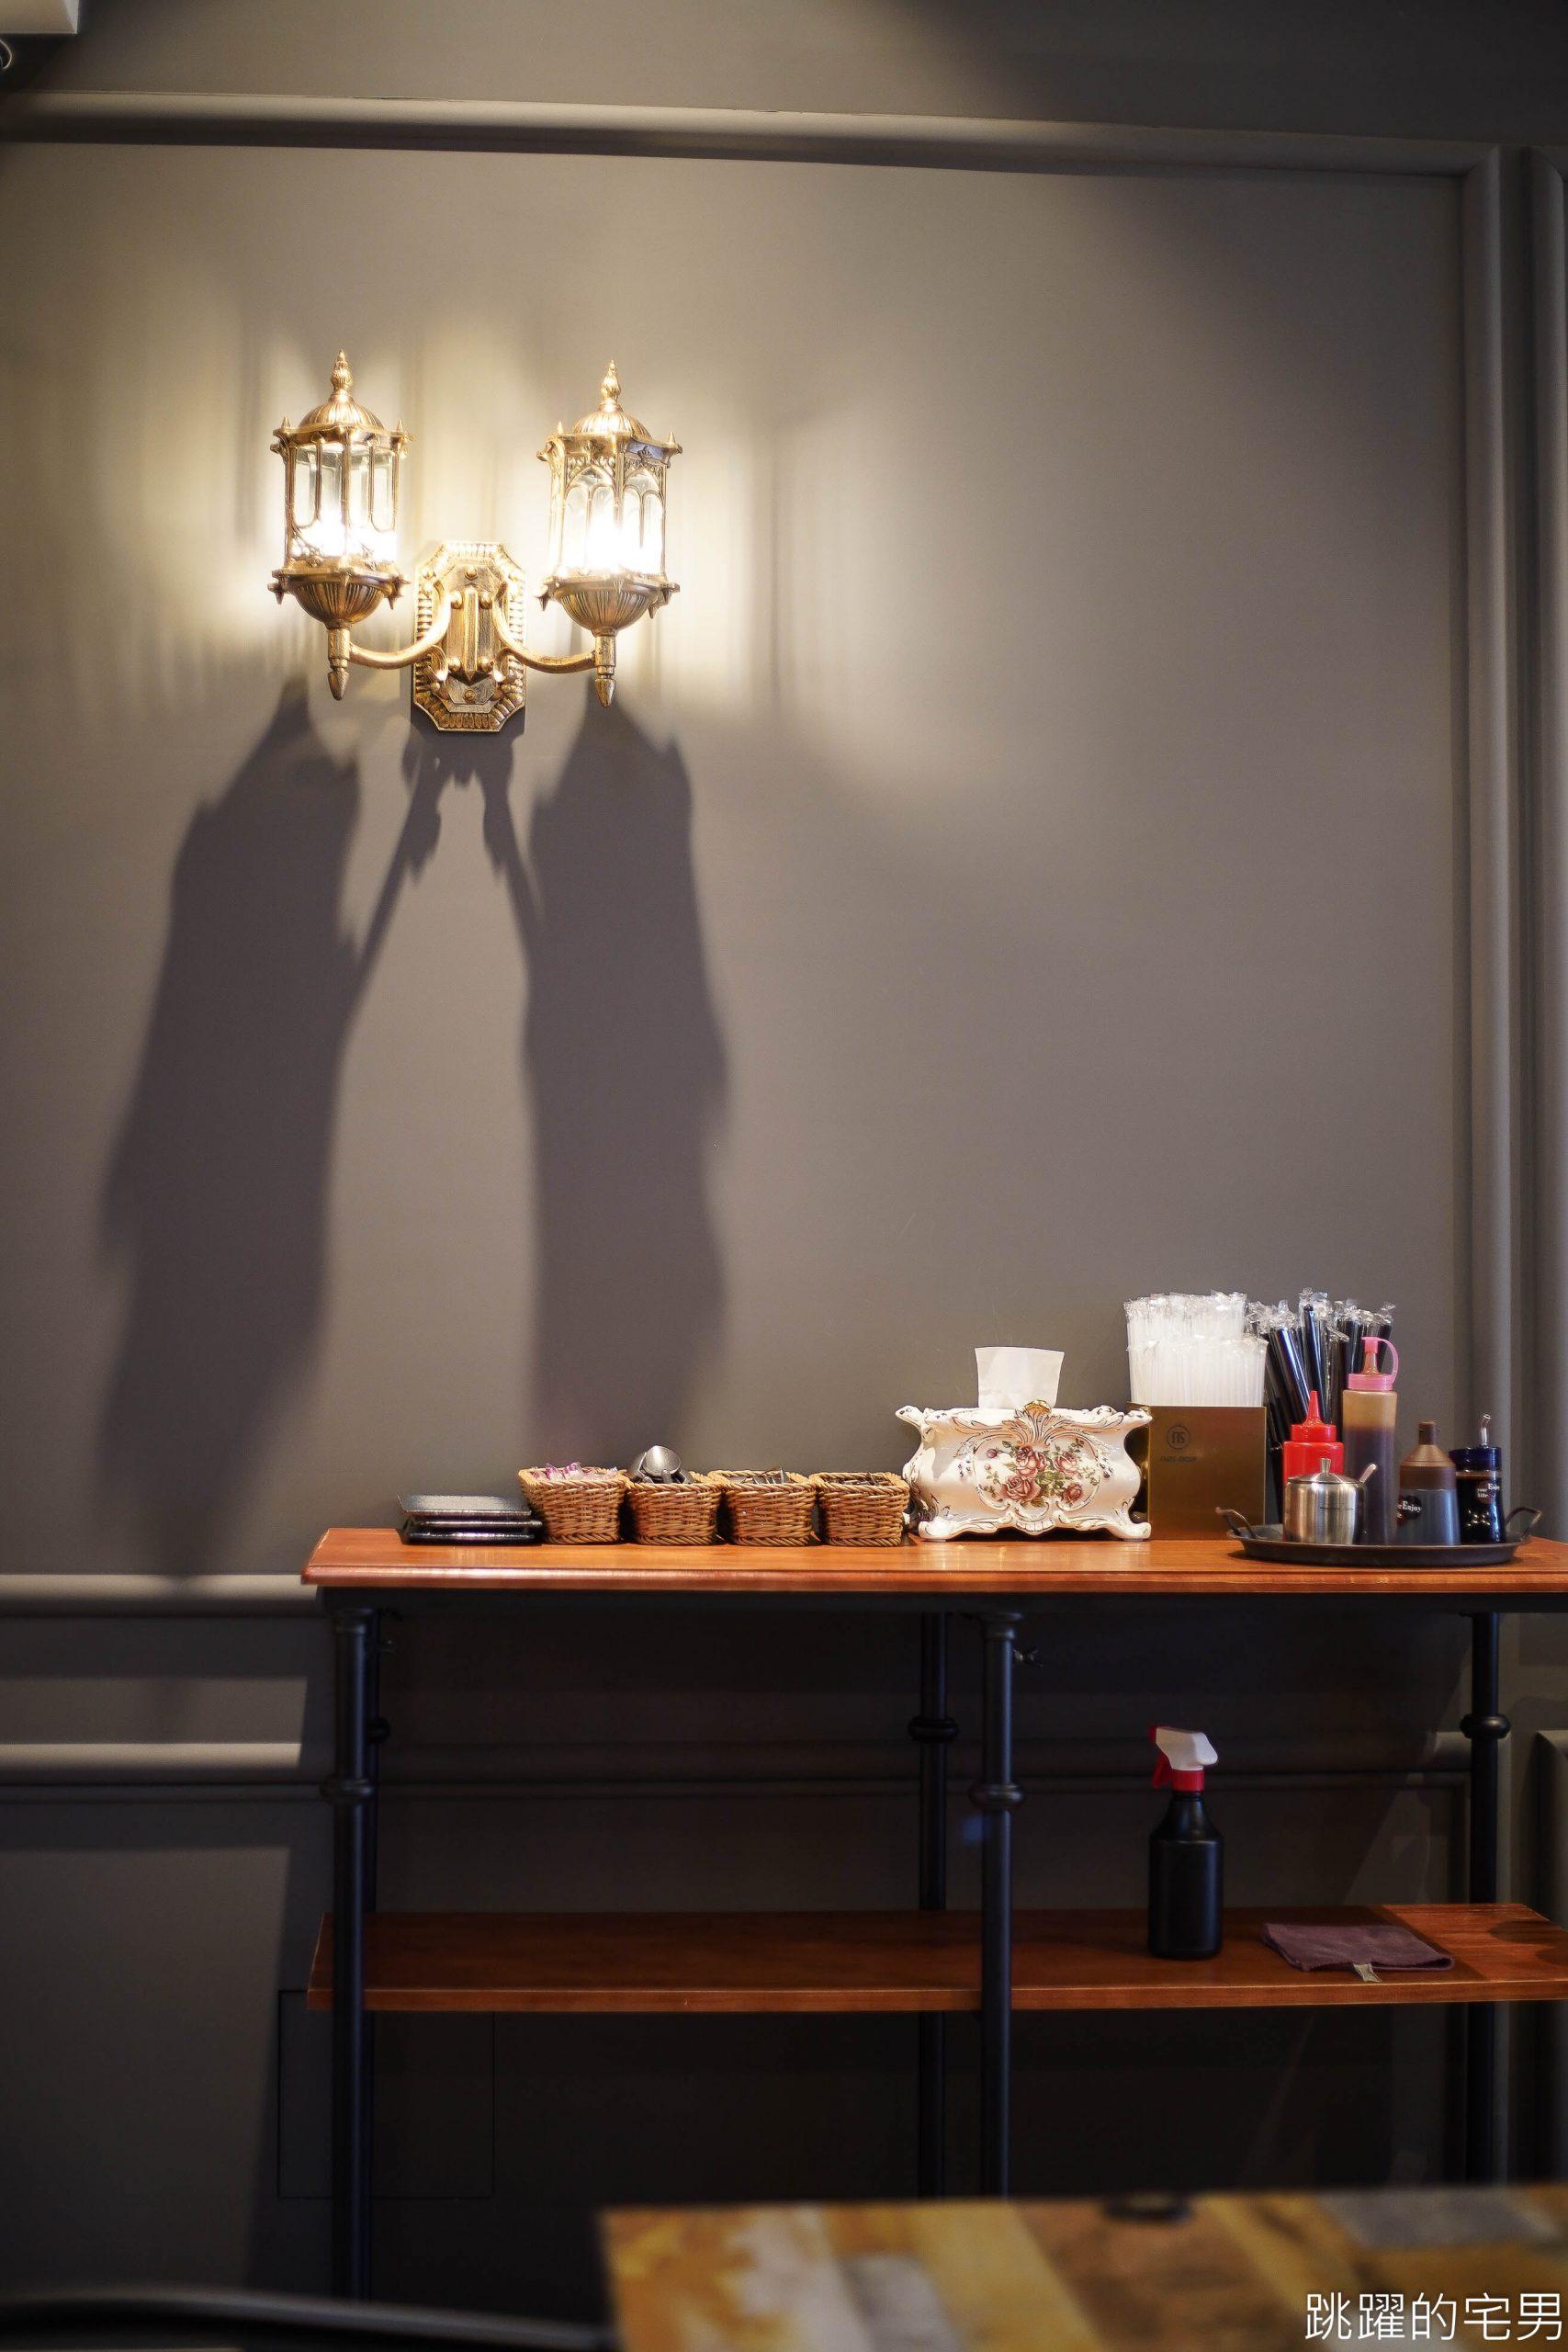 [花蓮美食]艾摩斯廚房-這家也太好拍! 復古微華麗風格設計感超好 全日供餐到宵夜 艾摩斯廚房菜單 餐點豐富 套餐99元起 網美可以衝一波 花蓮早午餐 花蓮宵夜